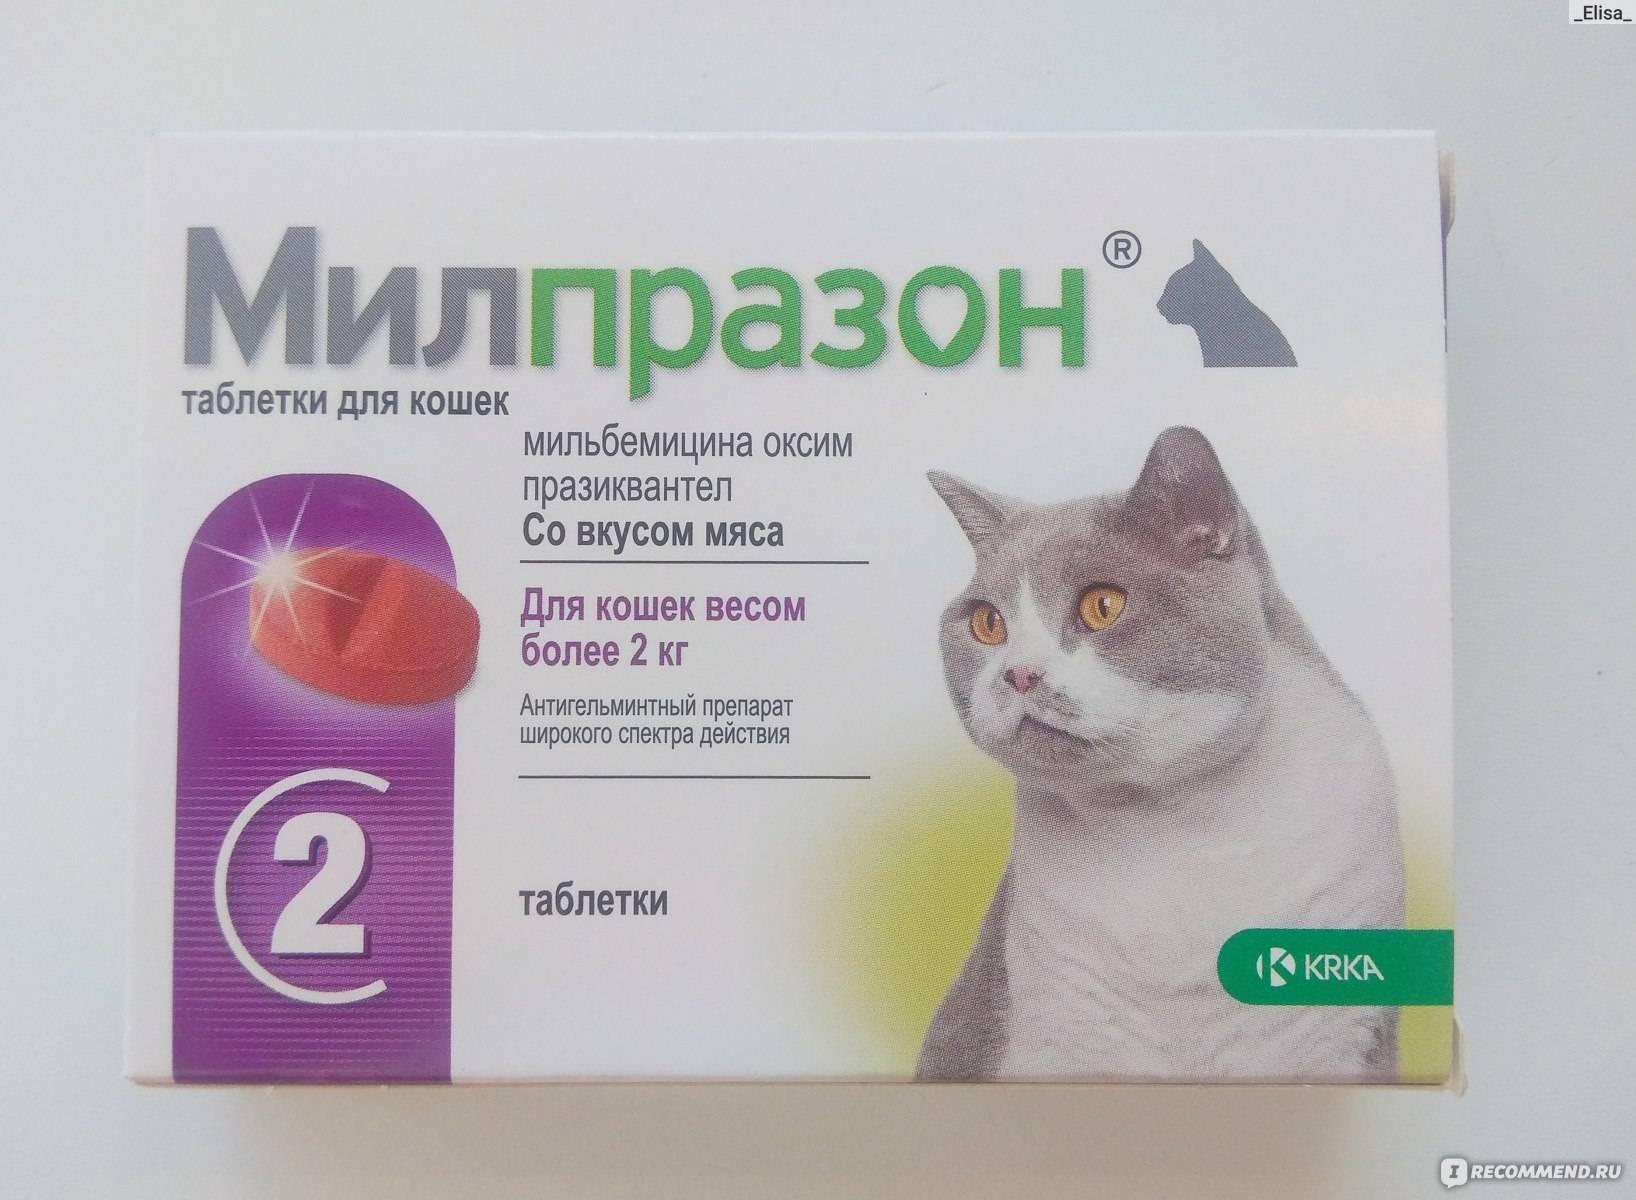 Милпразон для собак: инструкция по применению таблеток milprazon с дозировкой, отзывами ветеринаров и ценой. как давать препарат щенкам крупных и мелких пород?